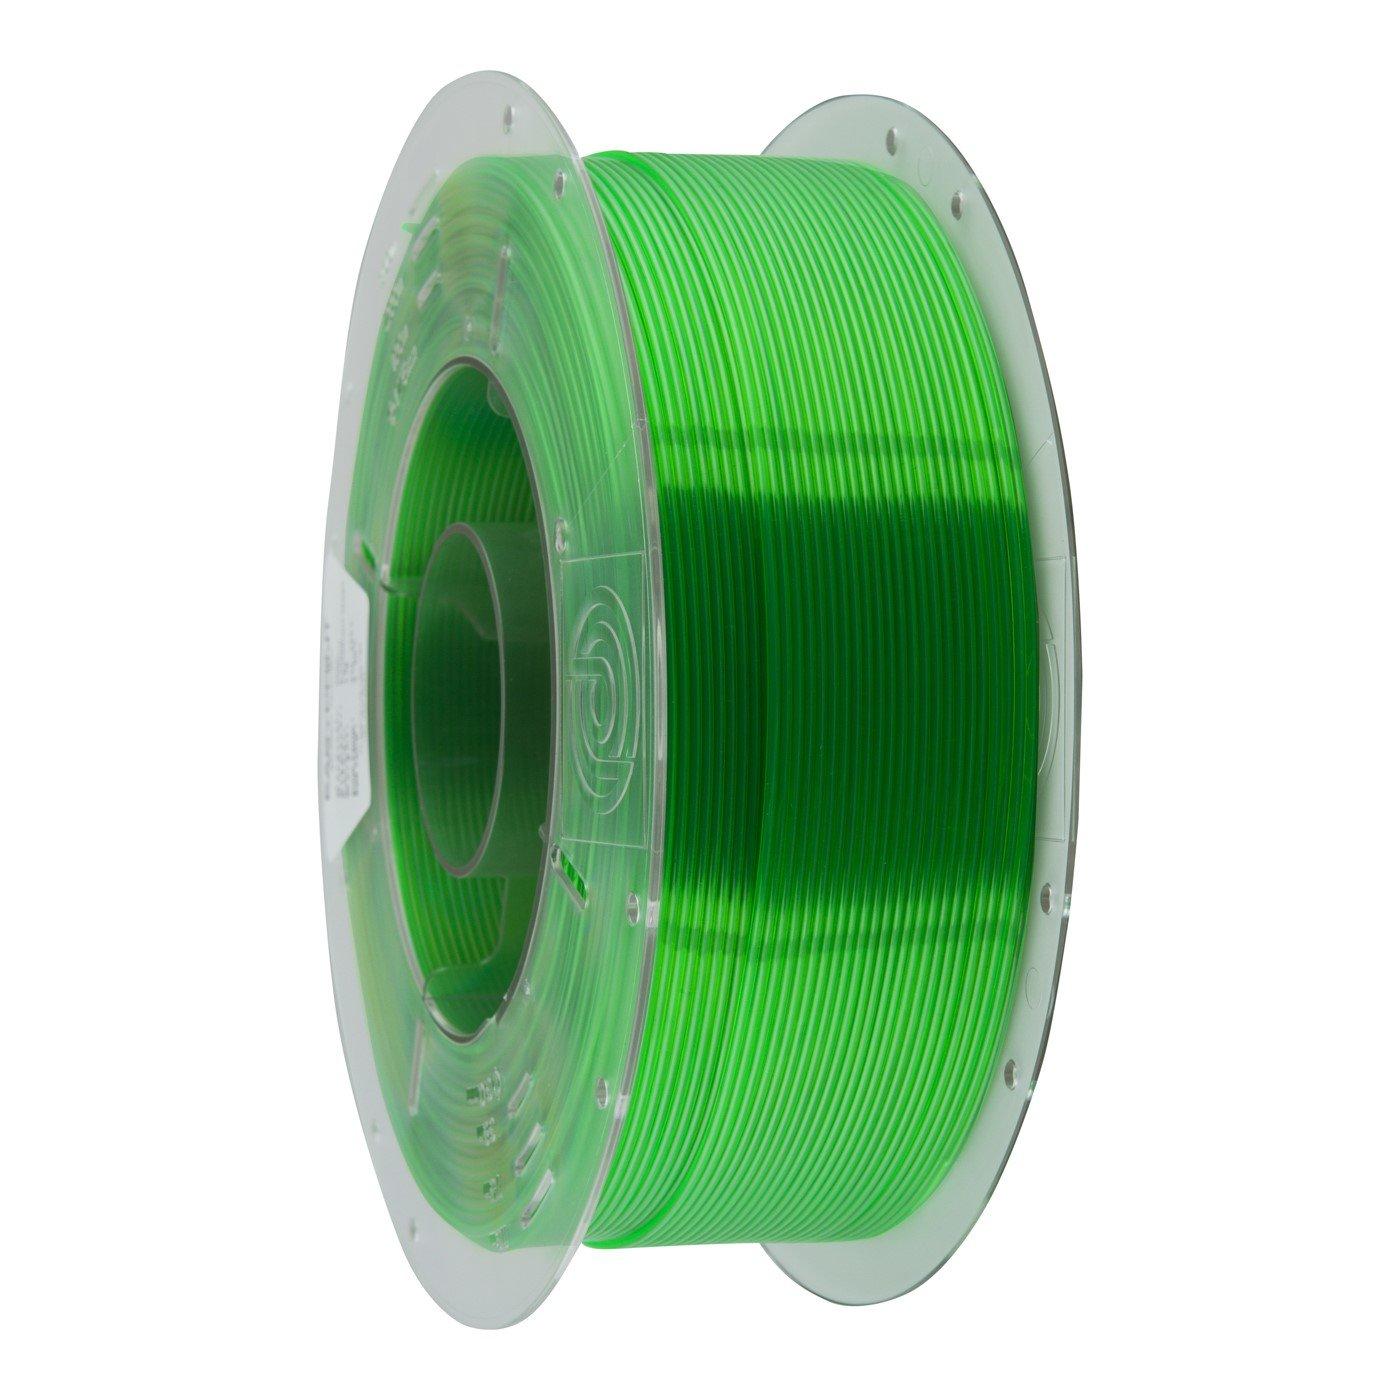 Filamento PETG 2.85mm 1kg COLOR FOTO-1 IMP 3D [7DRR8X5Y]